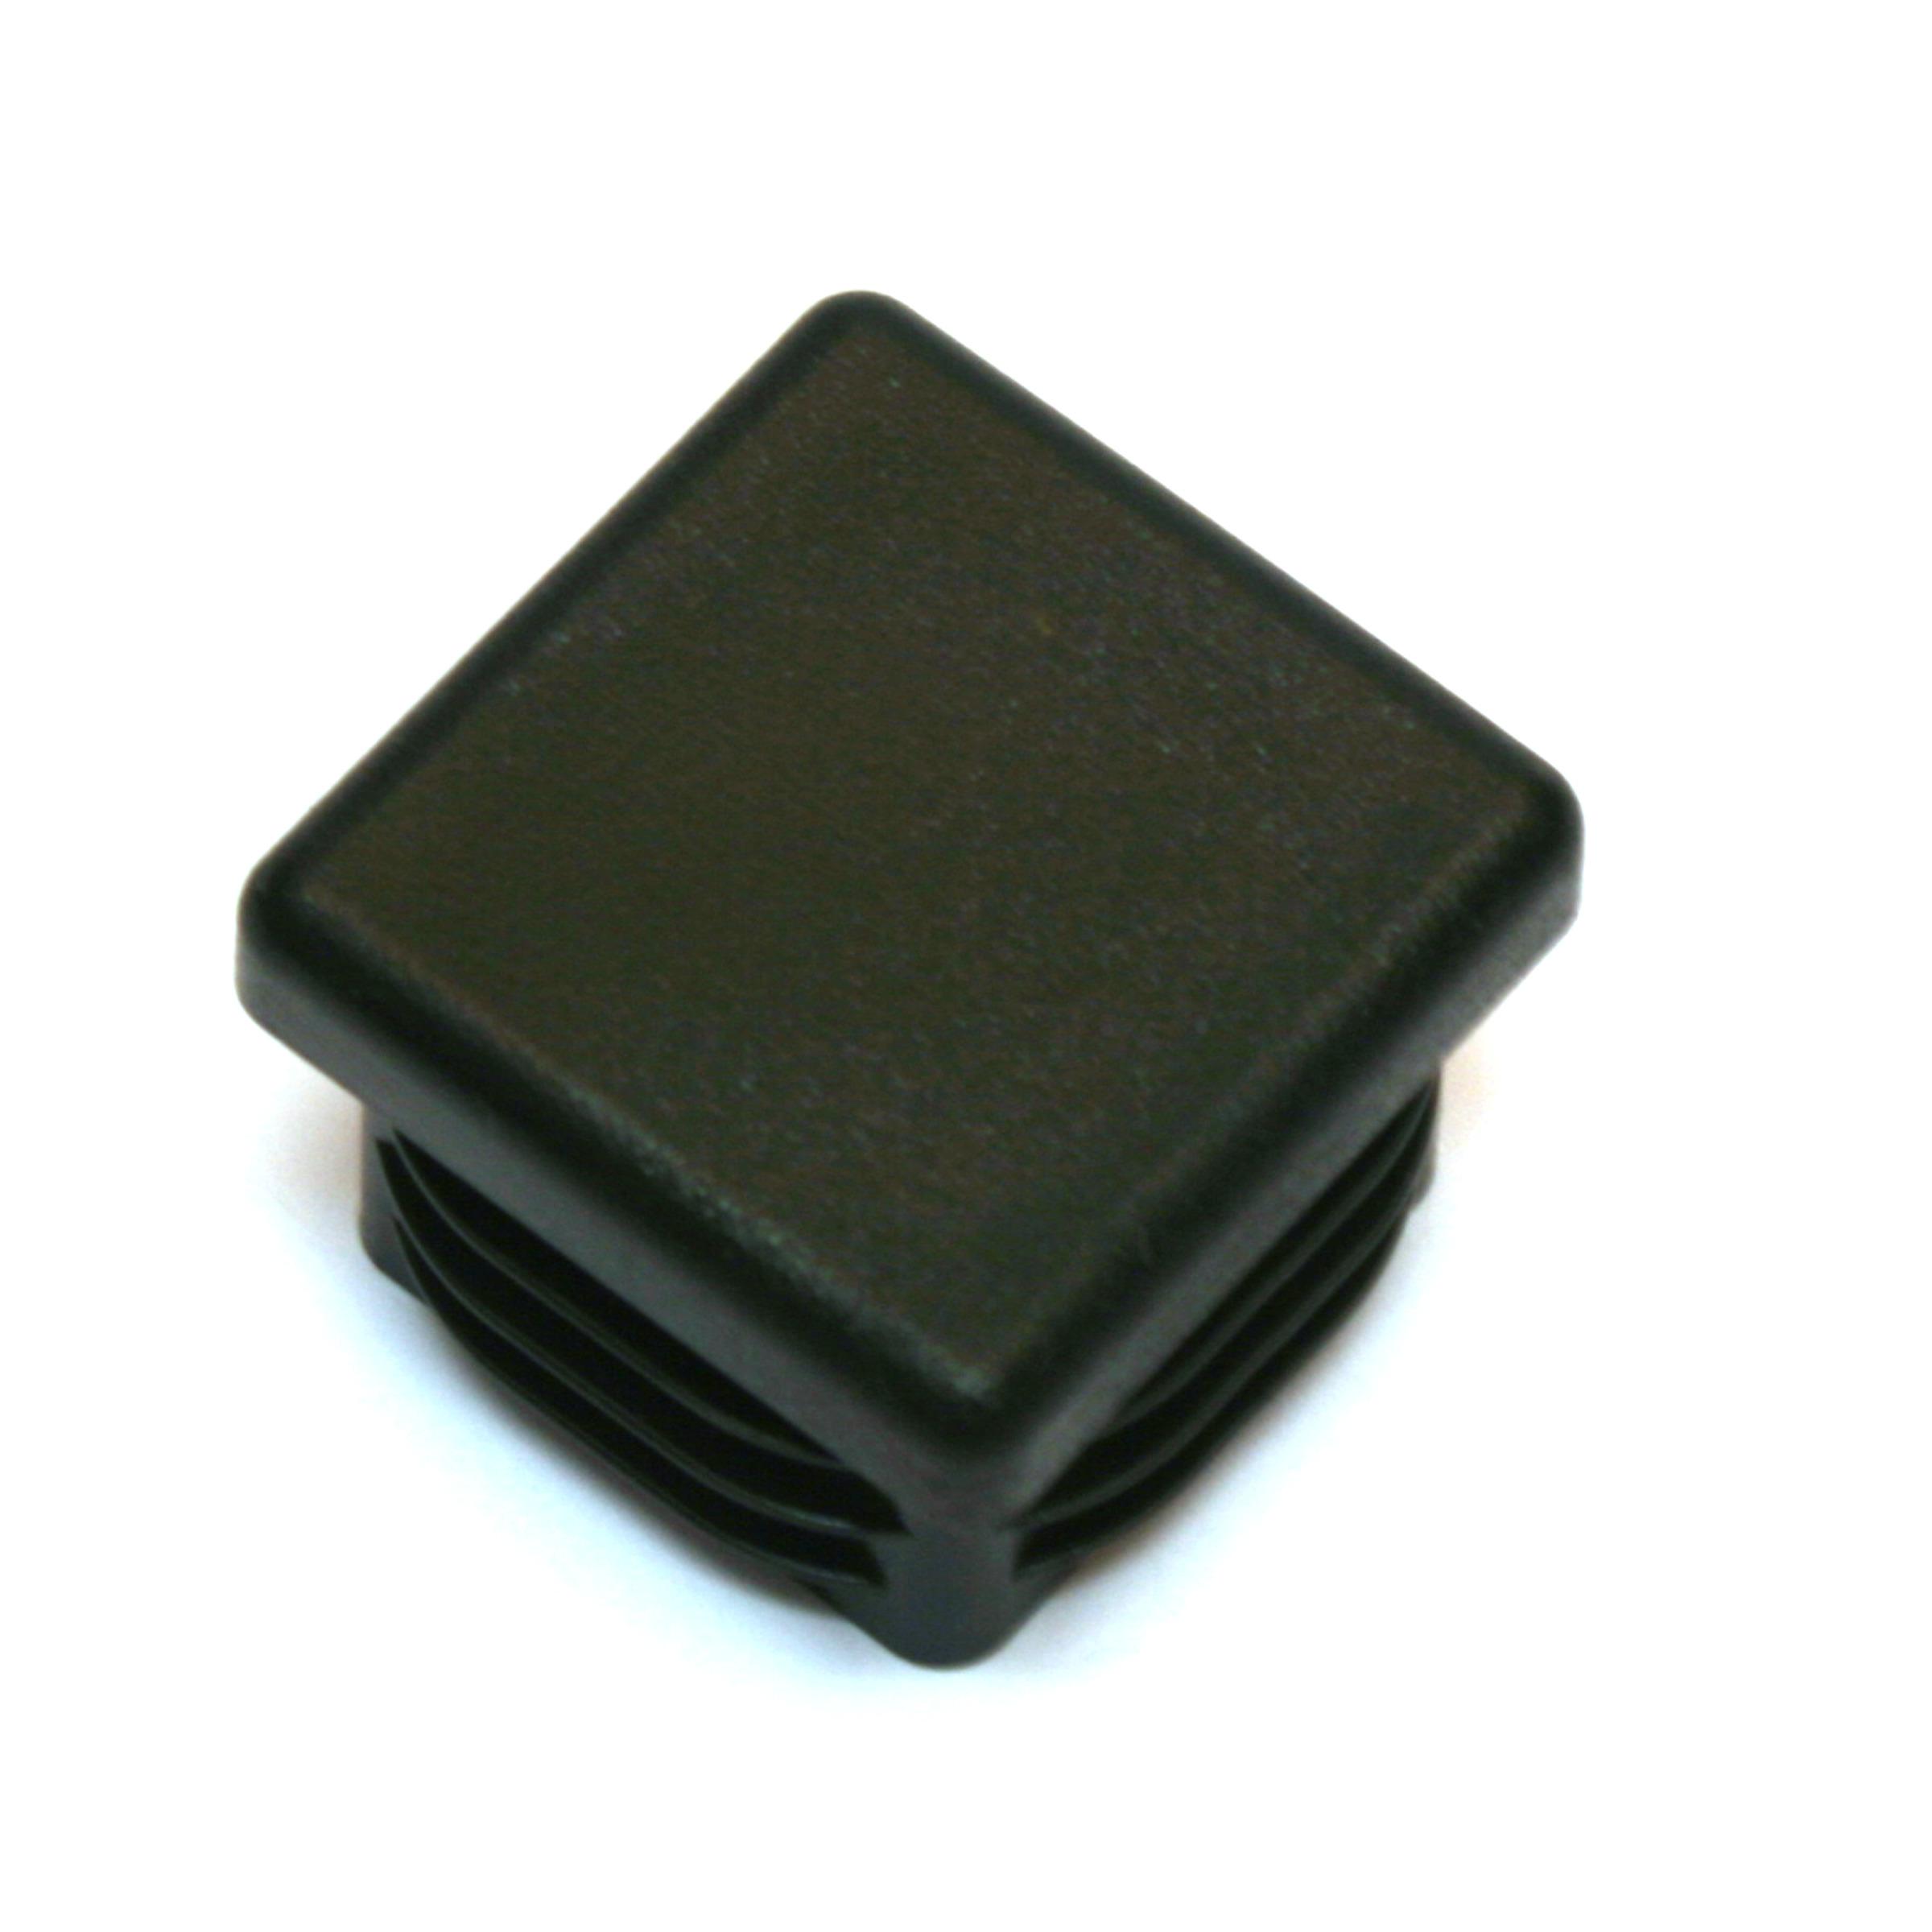 Meubeldop vierkant 30x30mm zwart 4 stuks